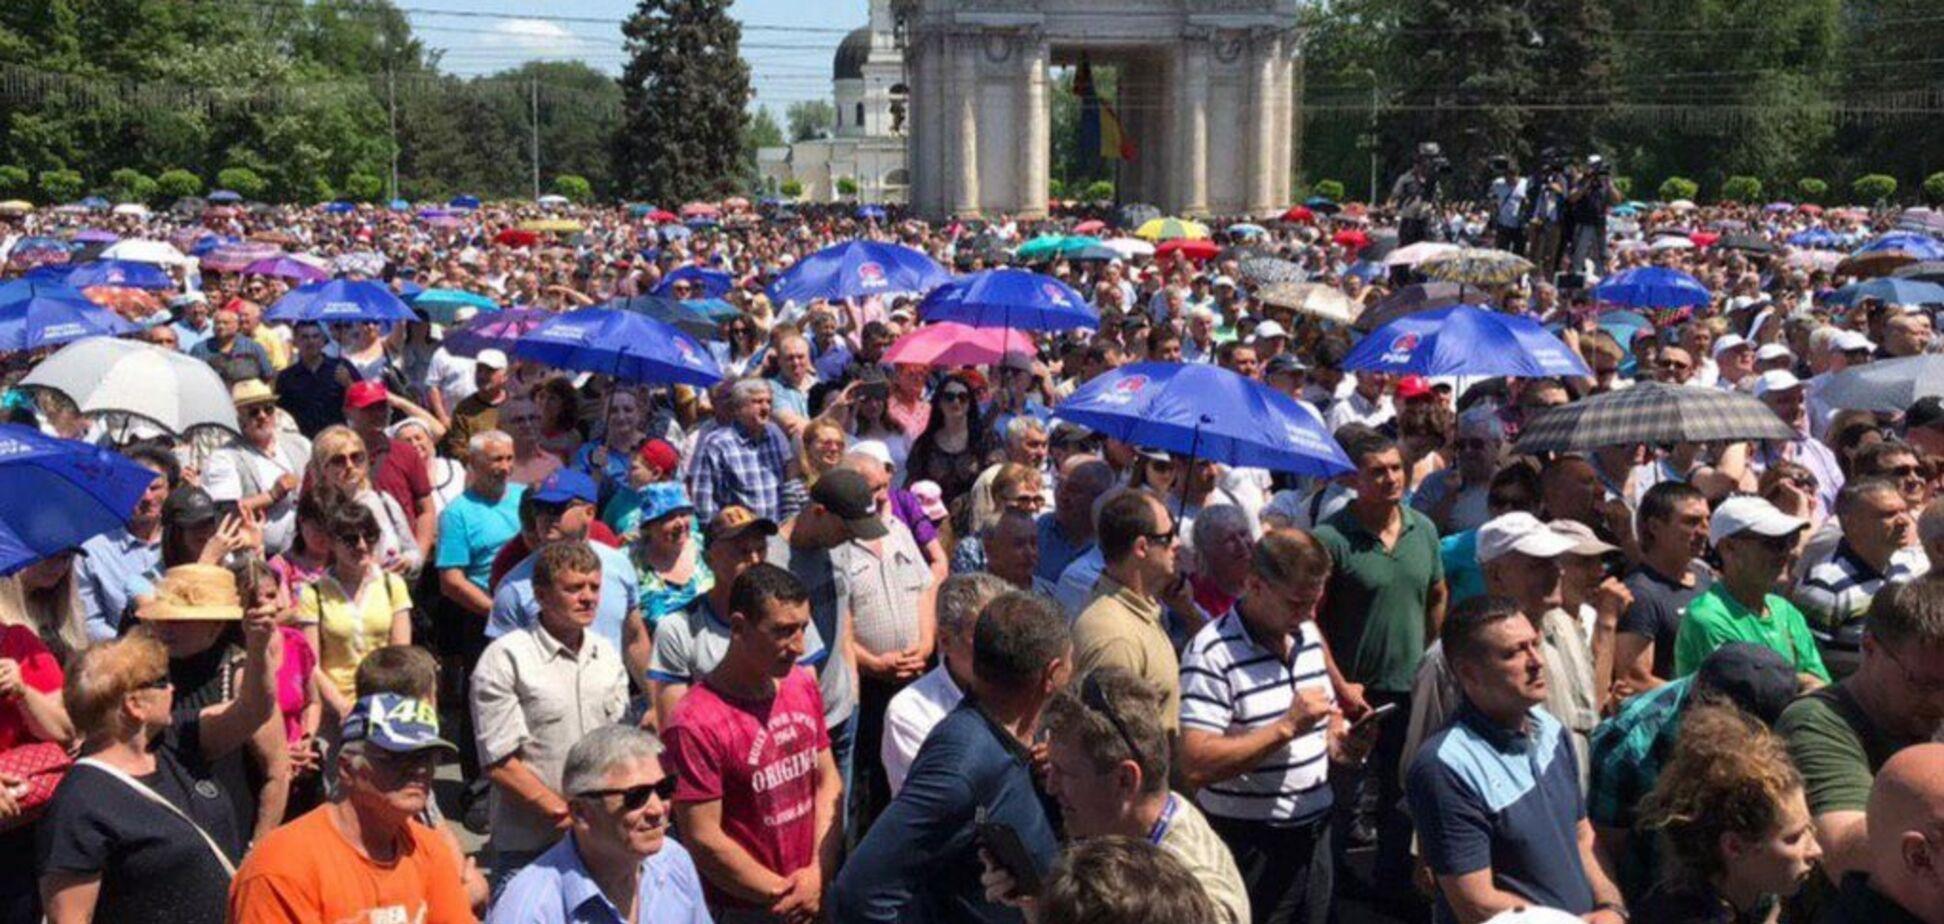 Протесты в Кишиневе. Источник: Publika.md